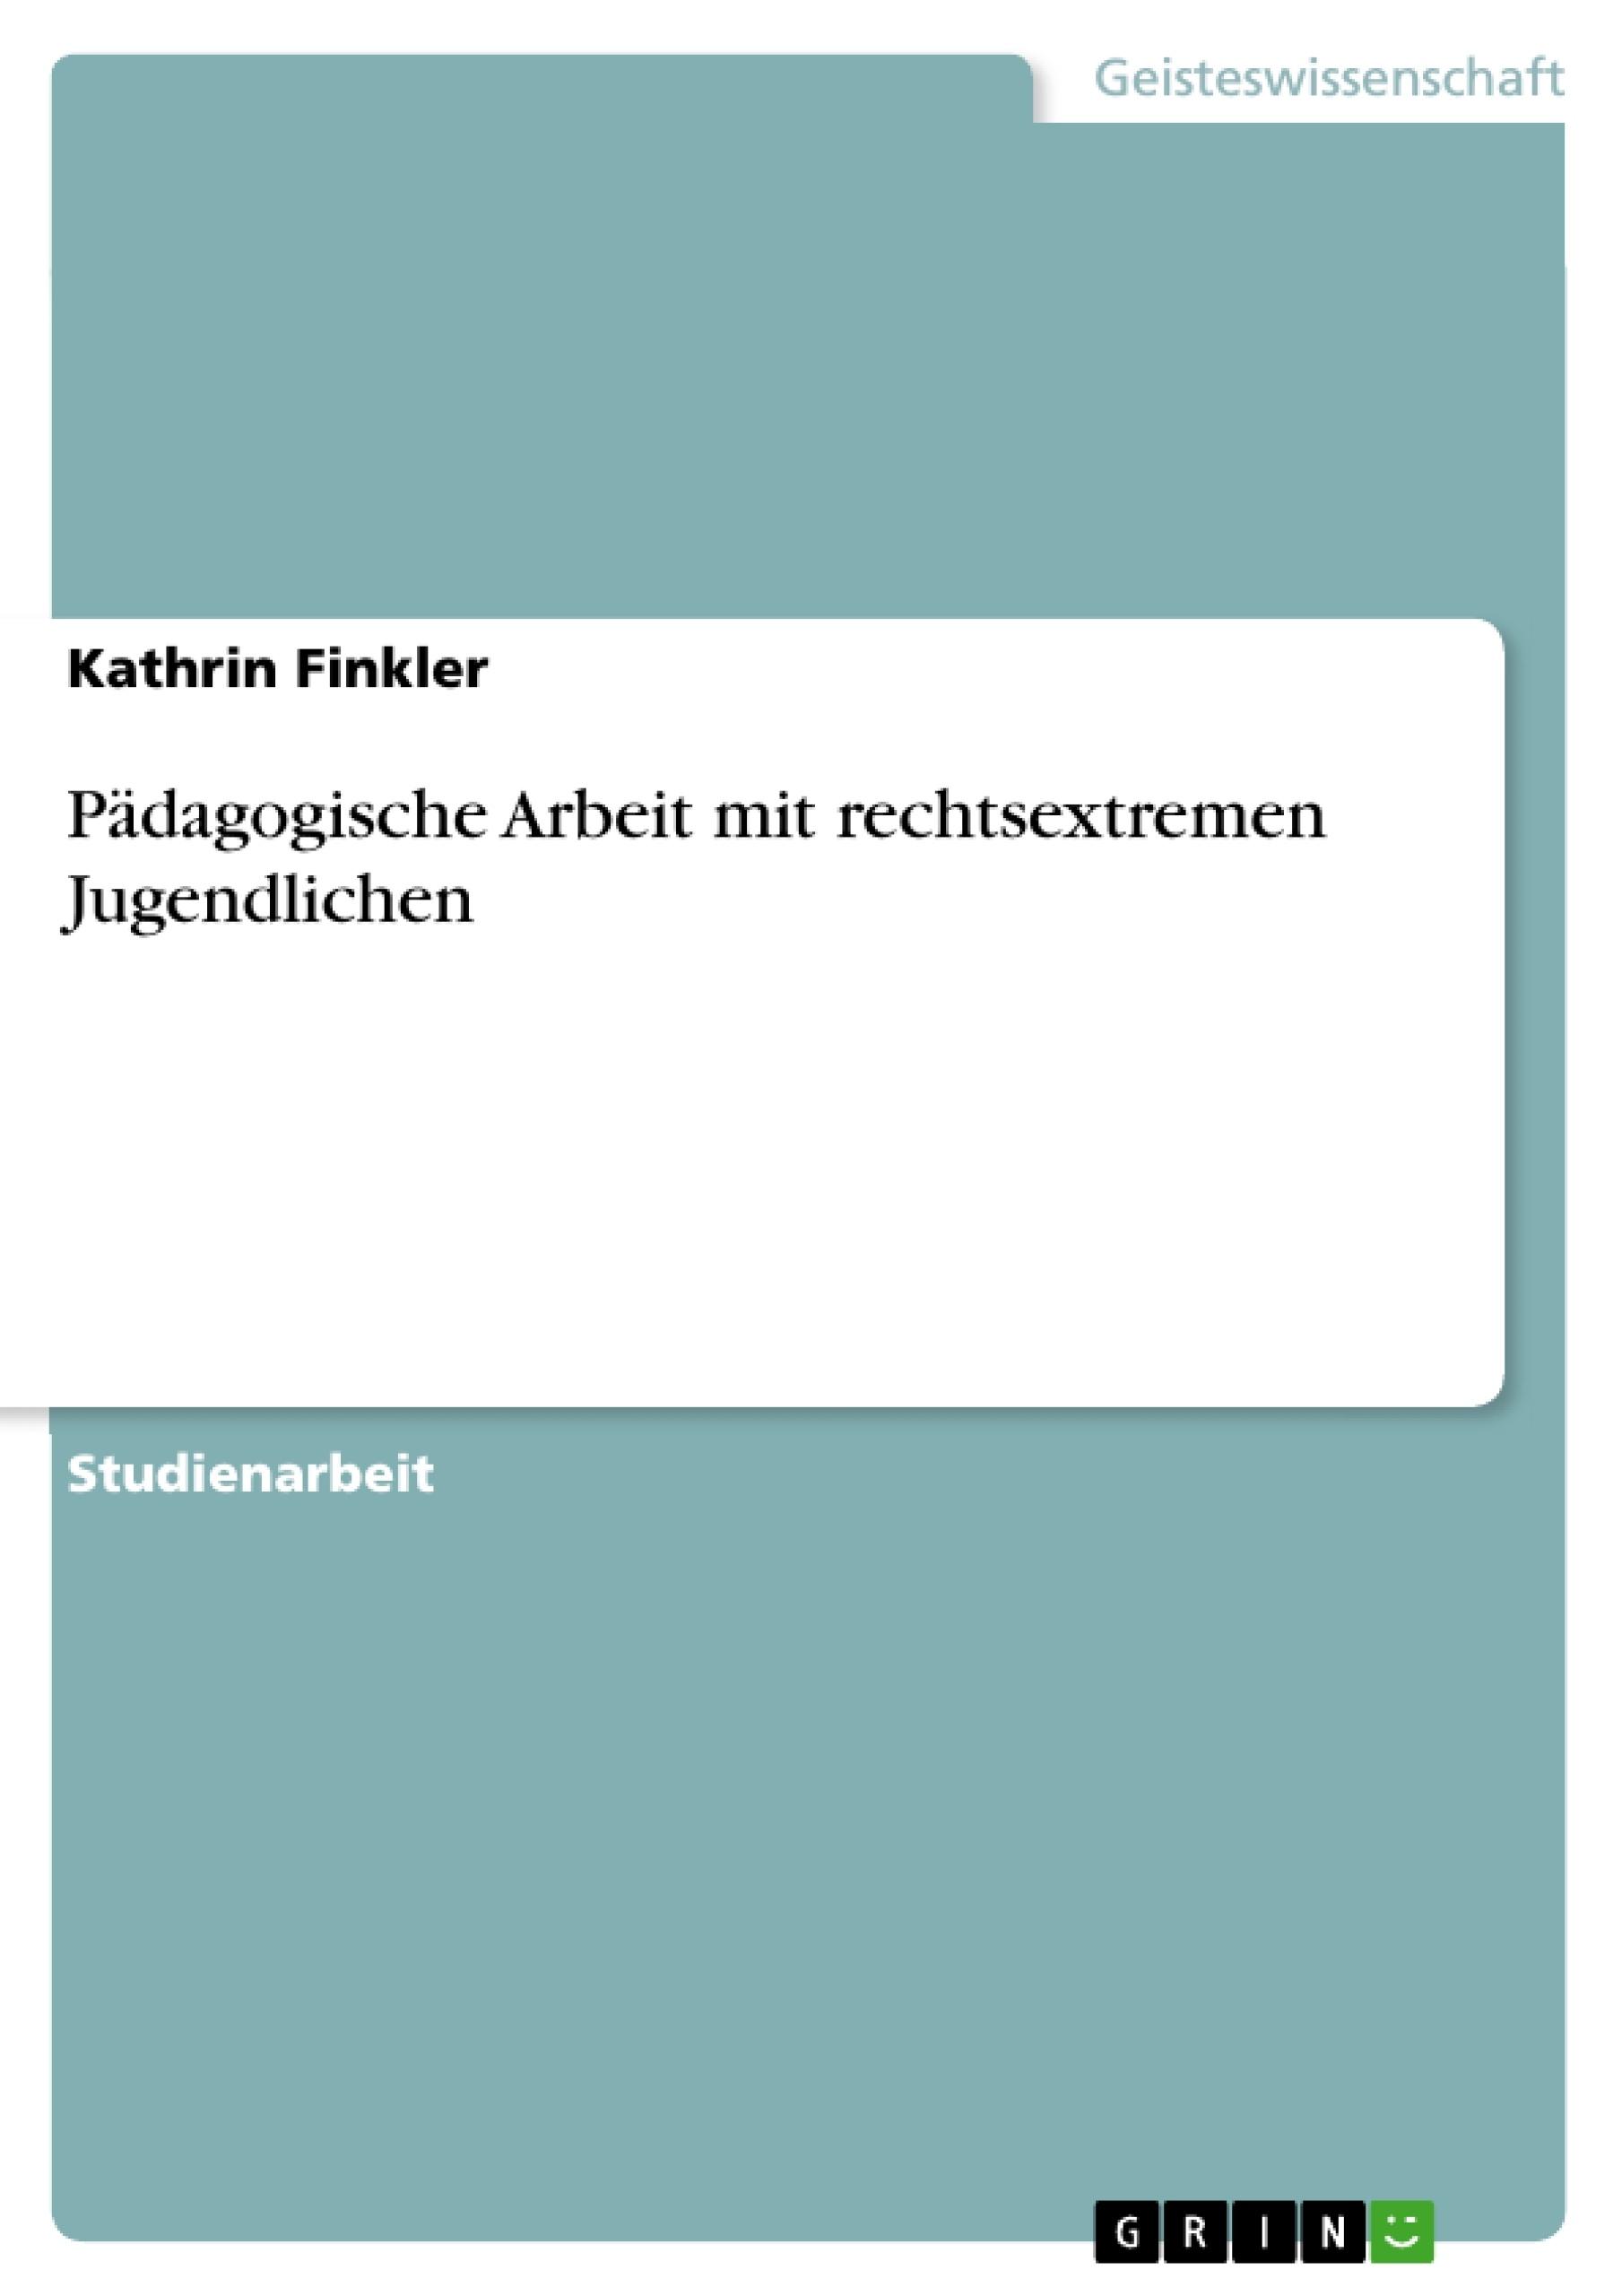 Titel: Pädagogische Arbeit mit rechtsextremen Jugendlichen